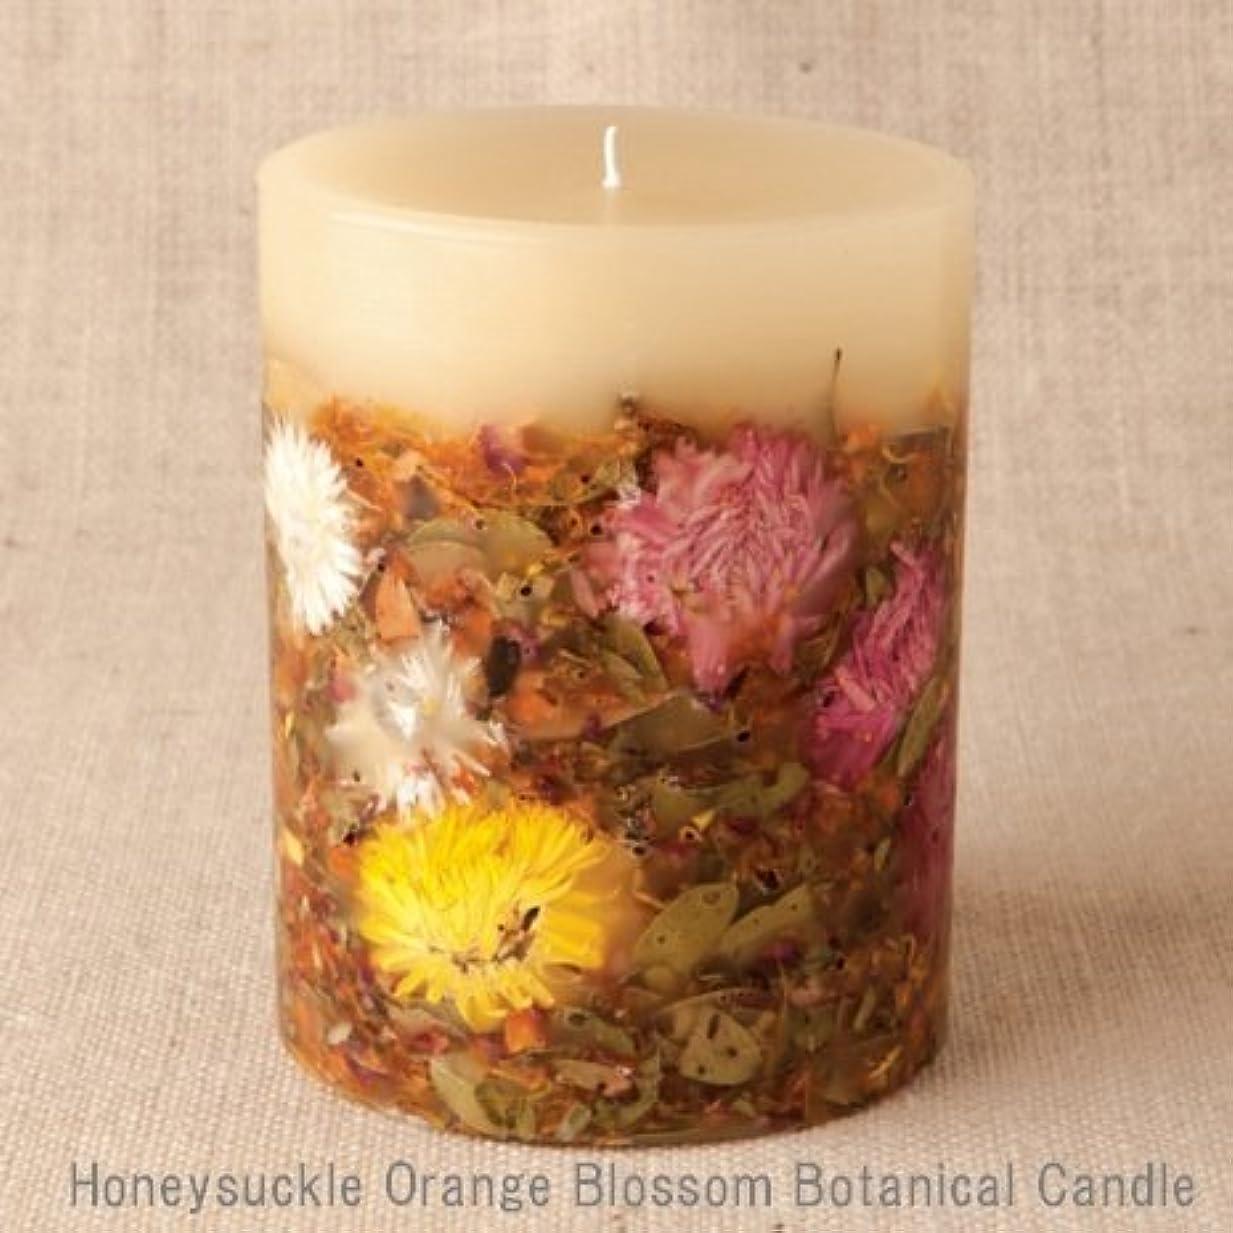 自由引く運営【Rosy Rings ロージーリングス】 Botanical candle キャンドル ハニーサックルオレンジ&ブロッサム